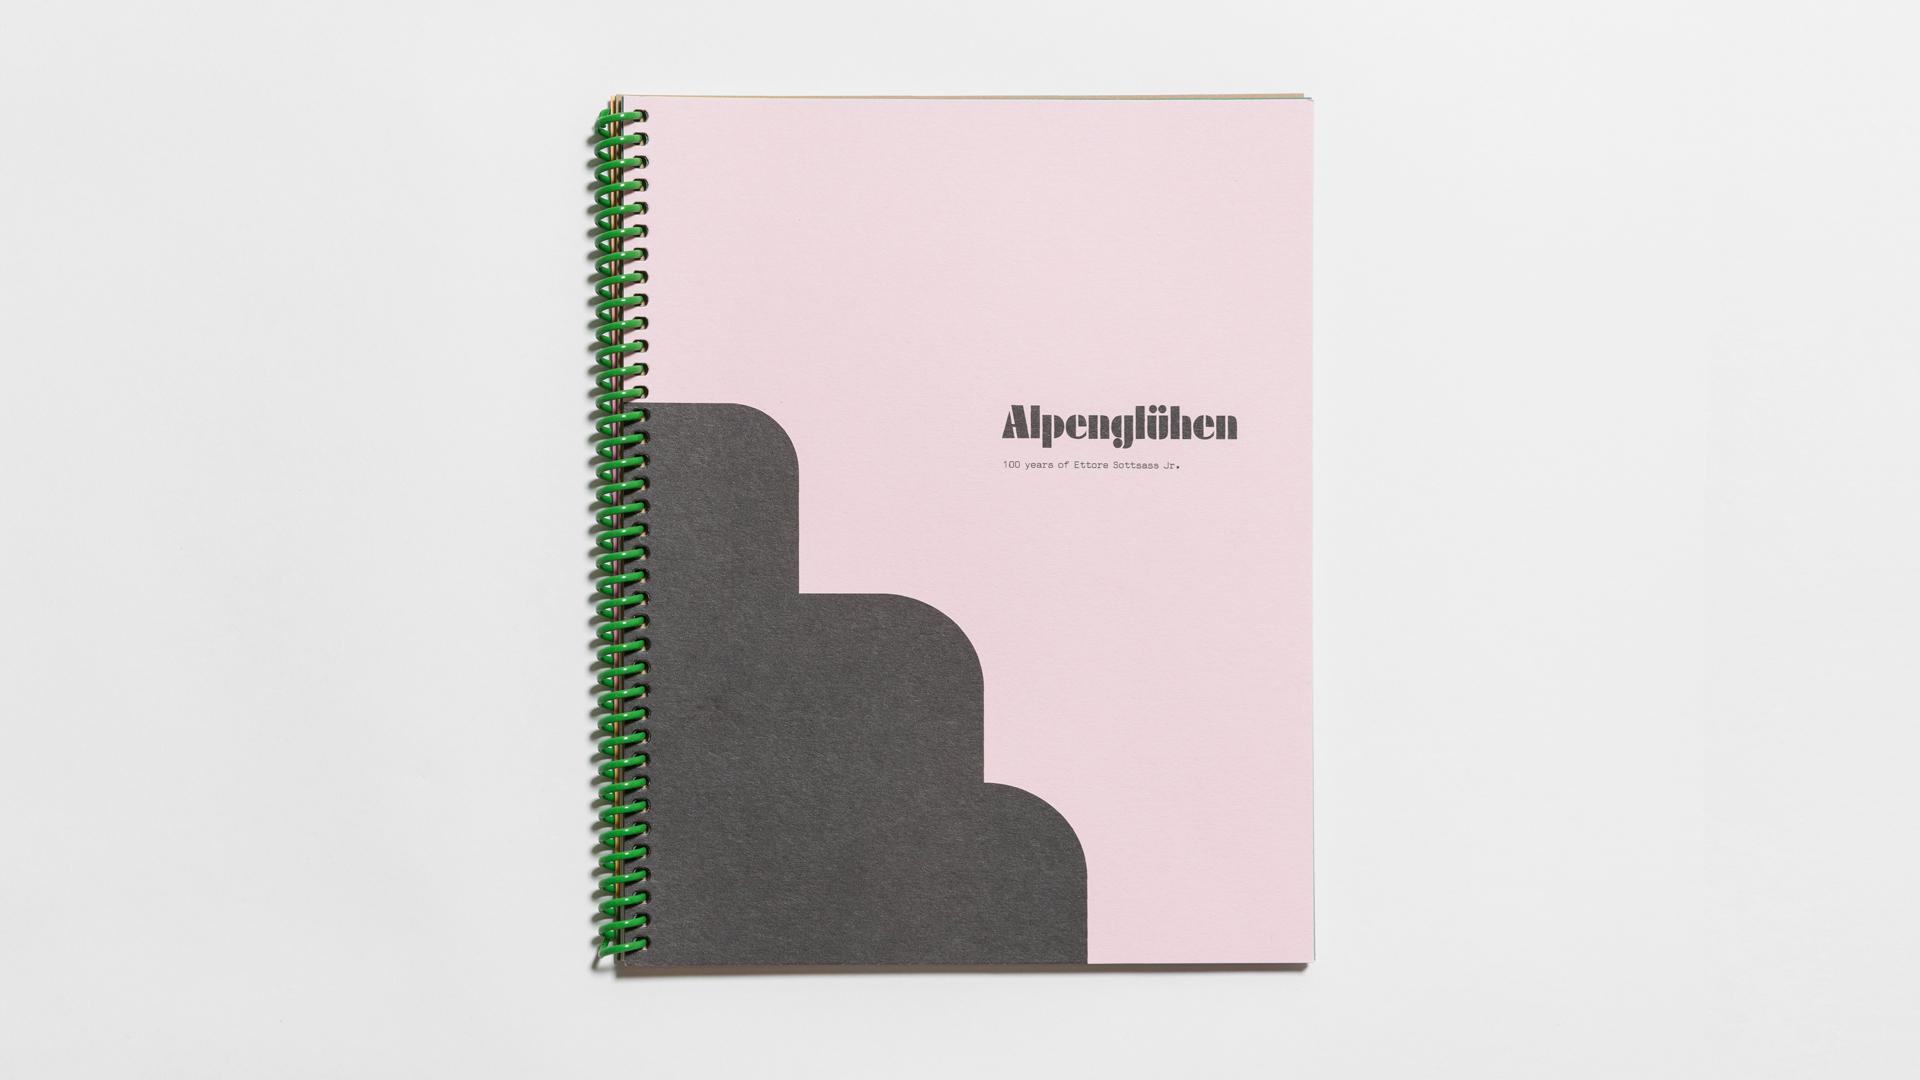 Cover image: Alpenglühen catalogue